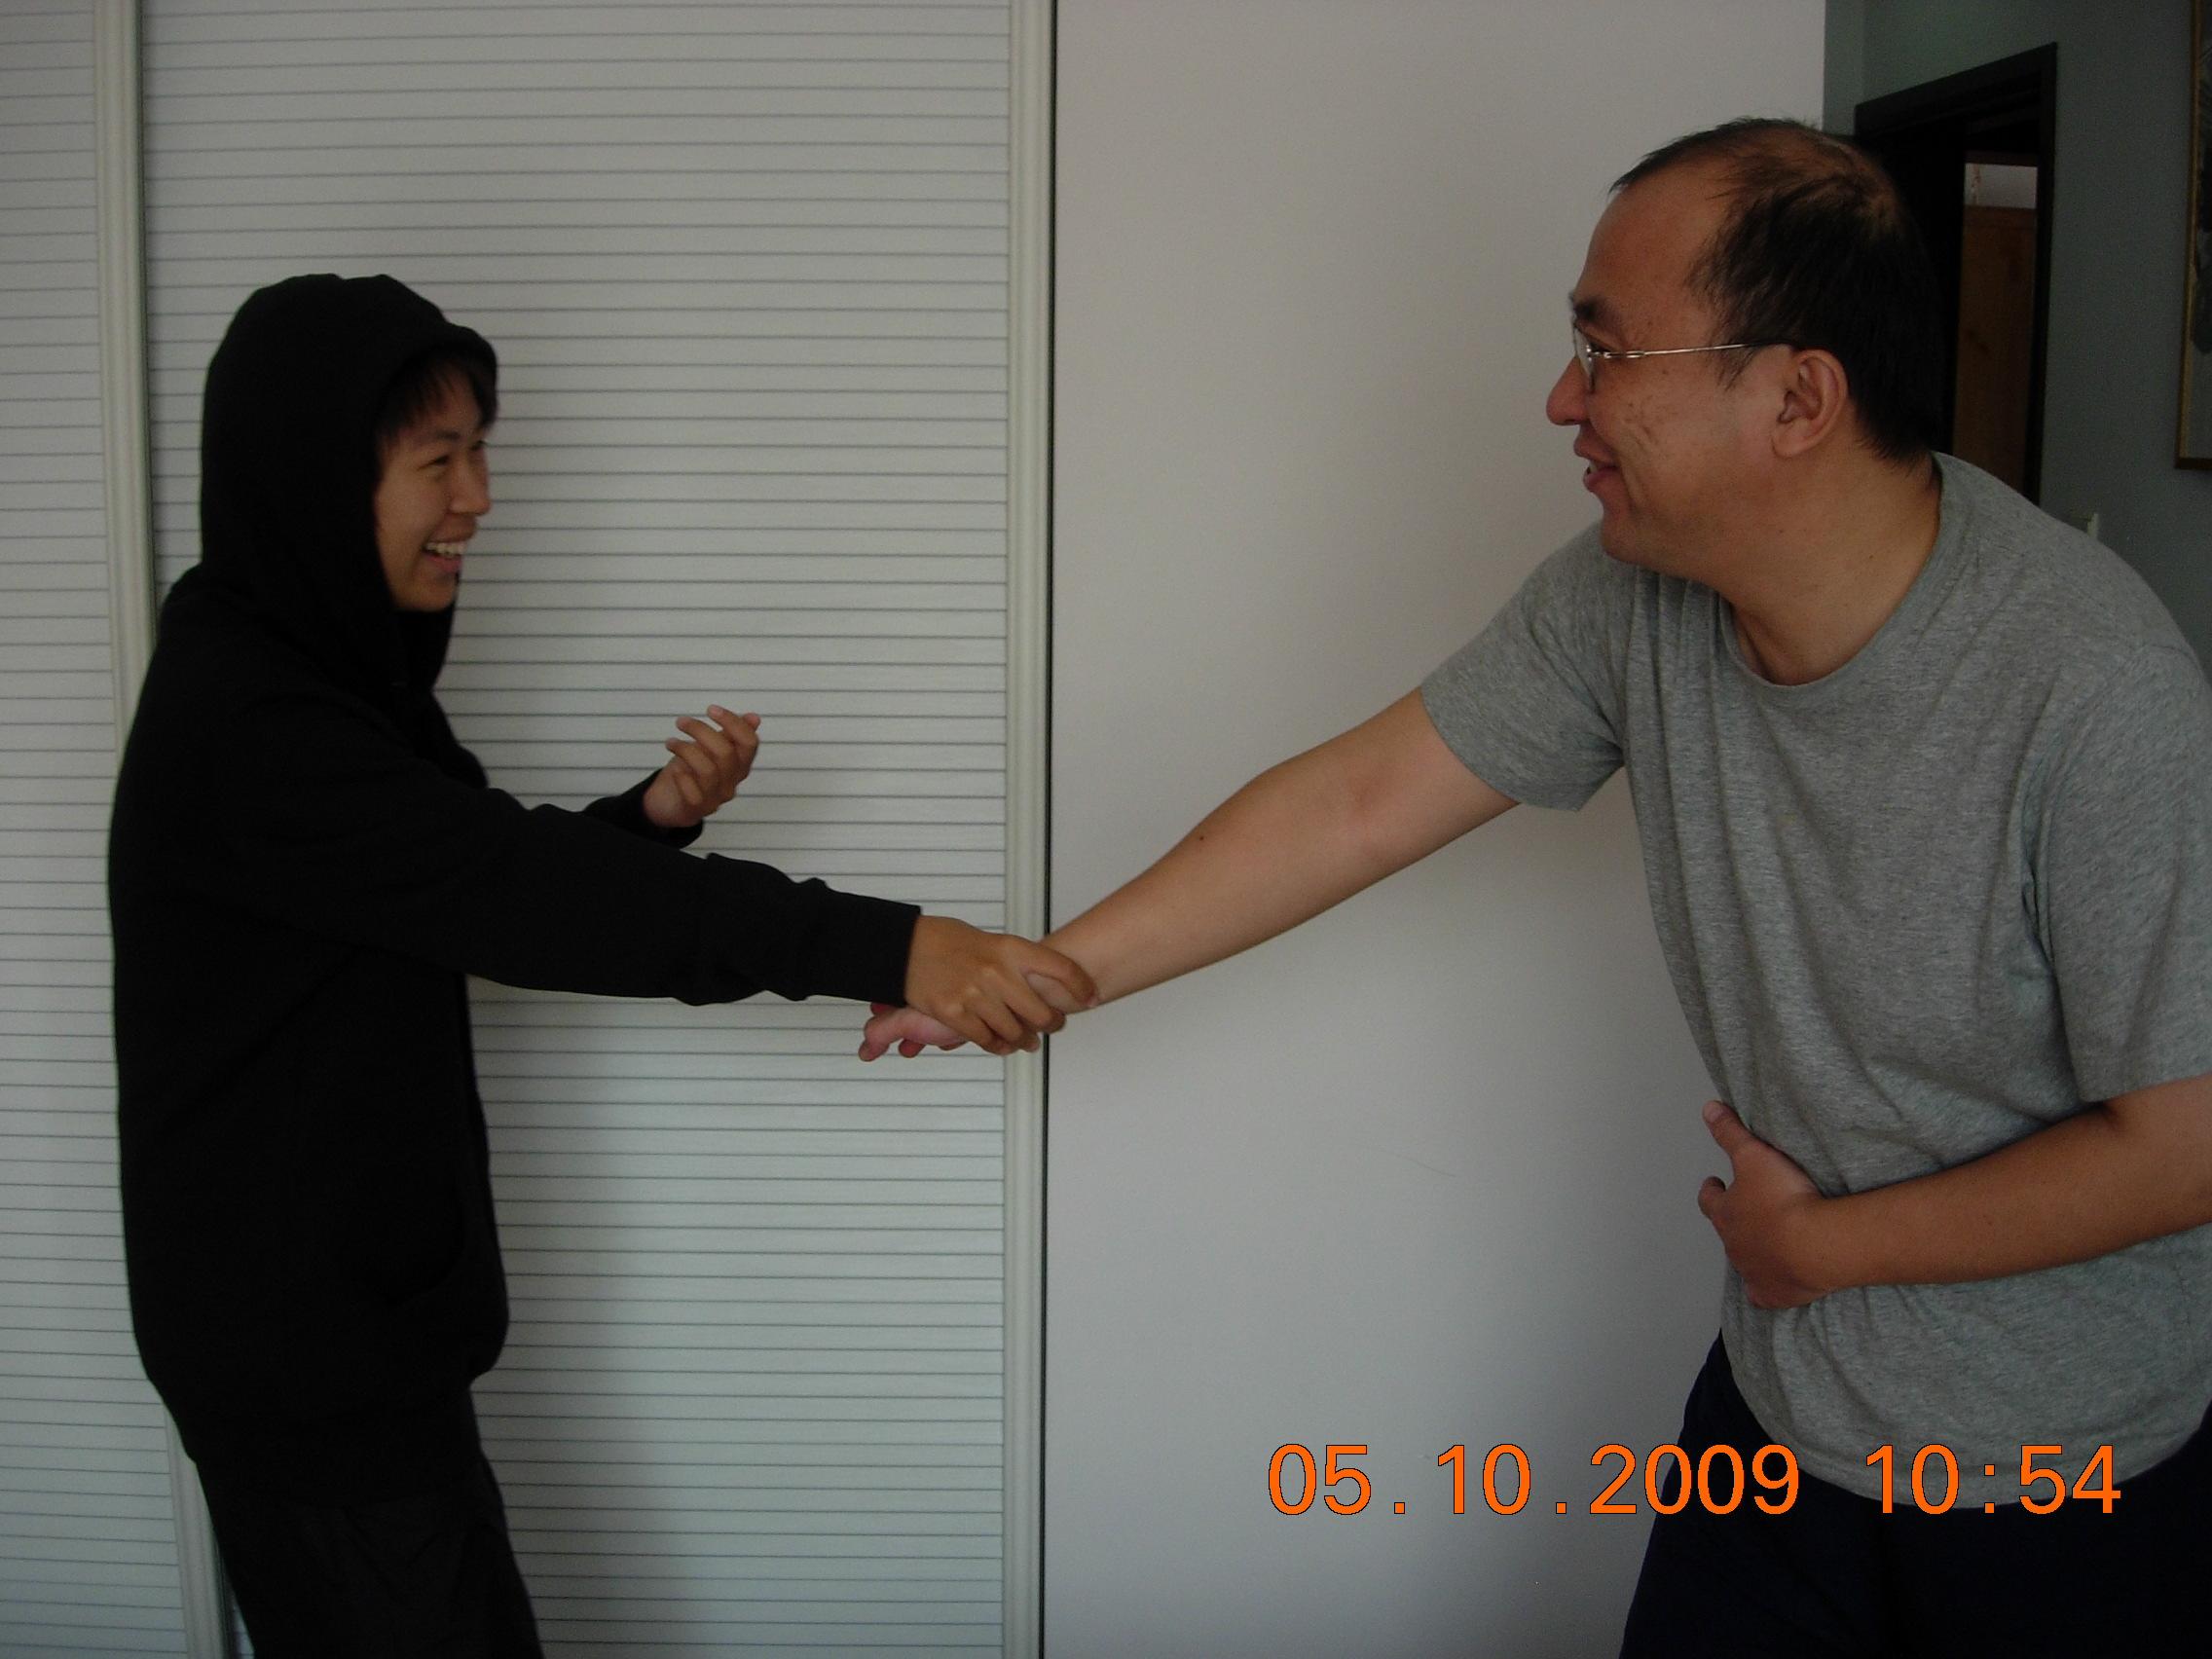 2009 3.JPG